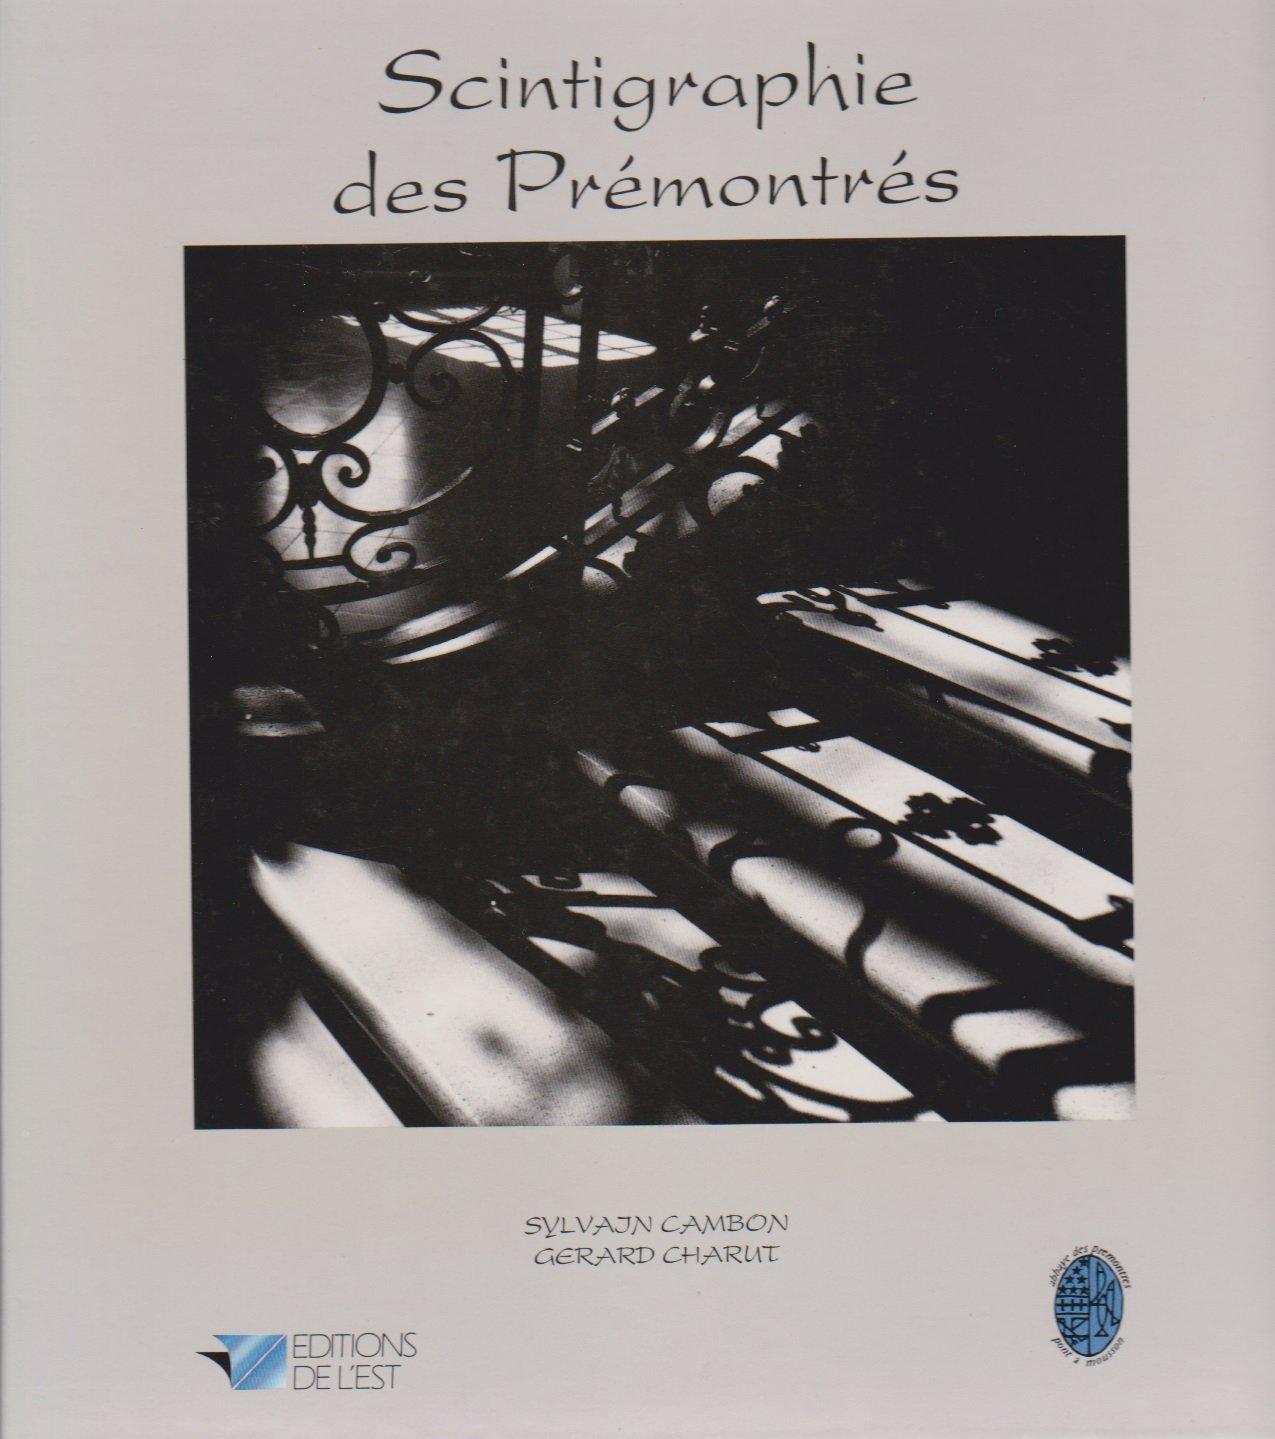 Scintigraphie des Prémontrés : 50 quatrains pour 50 photos Relié – 1 juillet 1989 Sylvain Cambon Gérard Charut Ed. de l' Est 2869550820